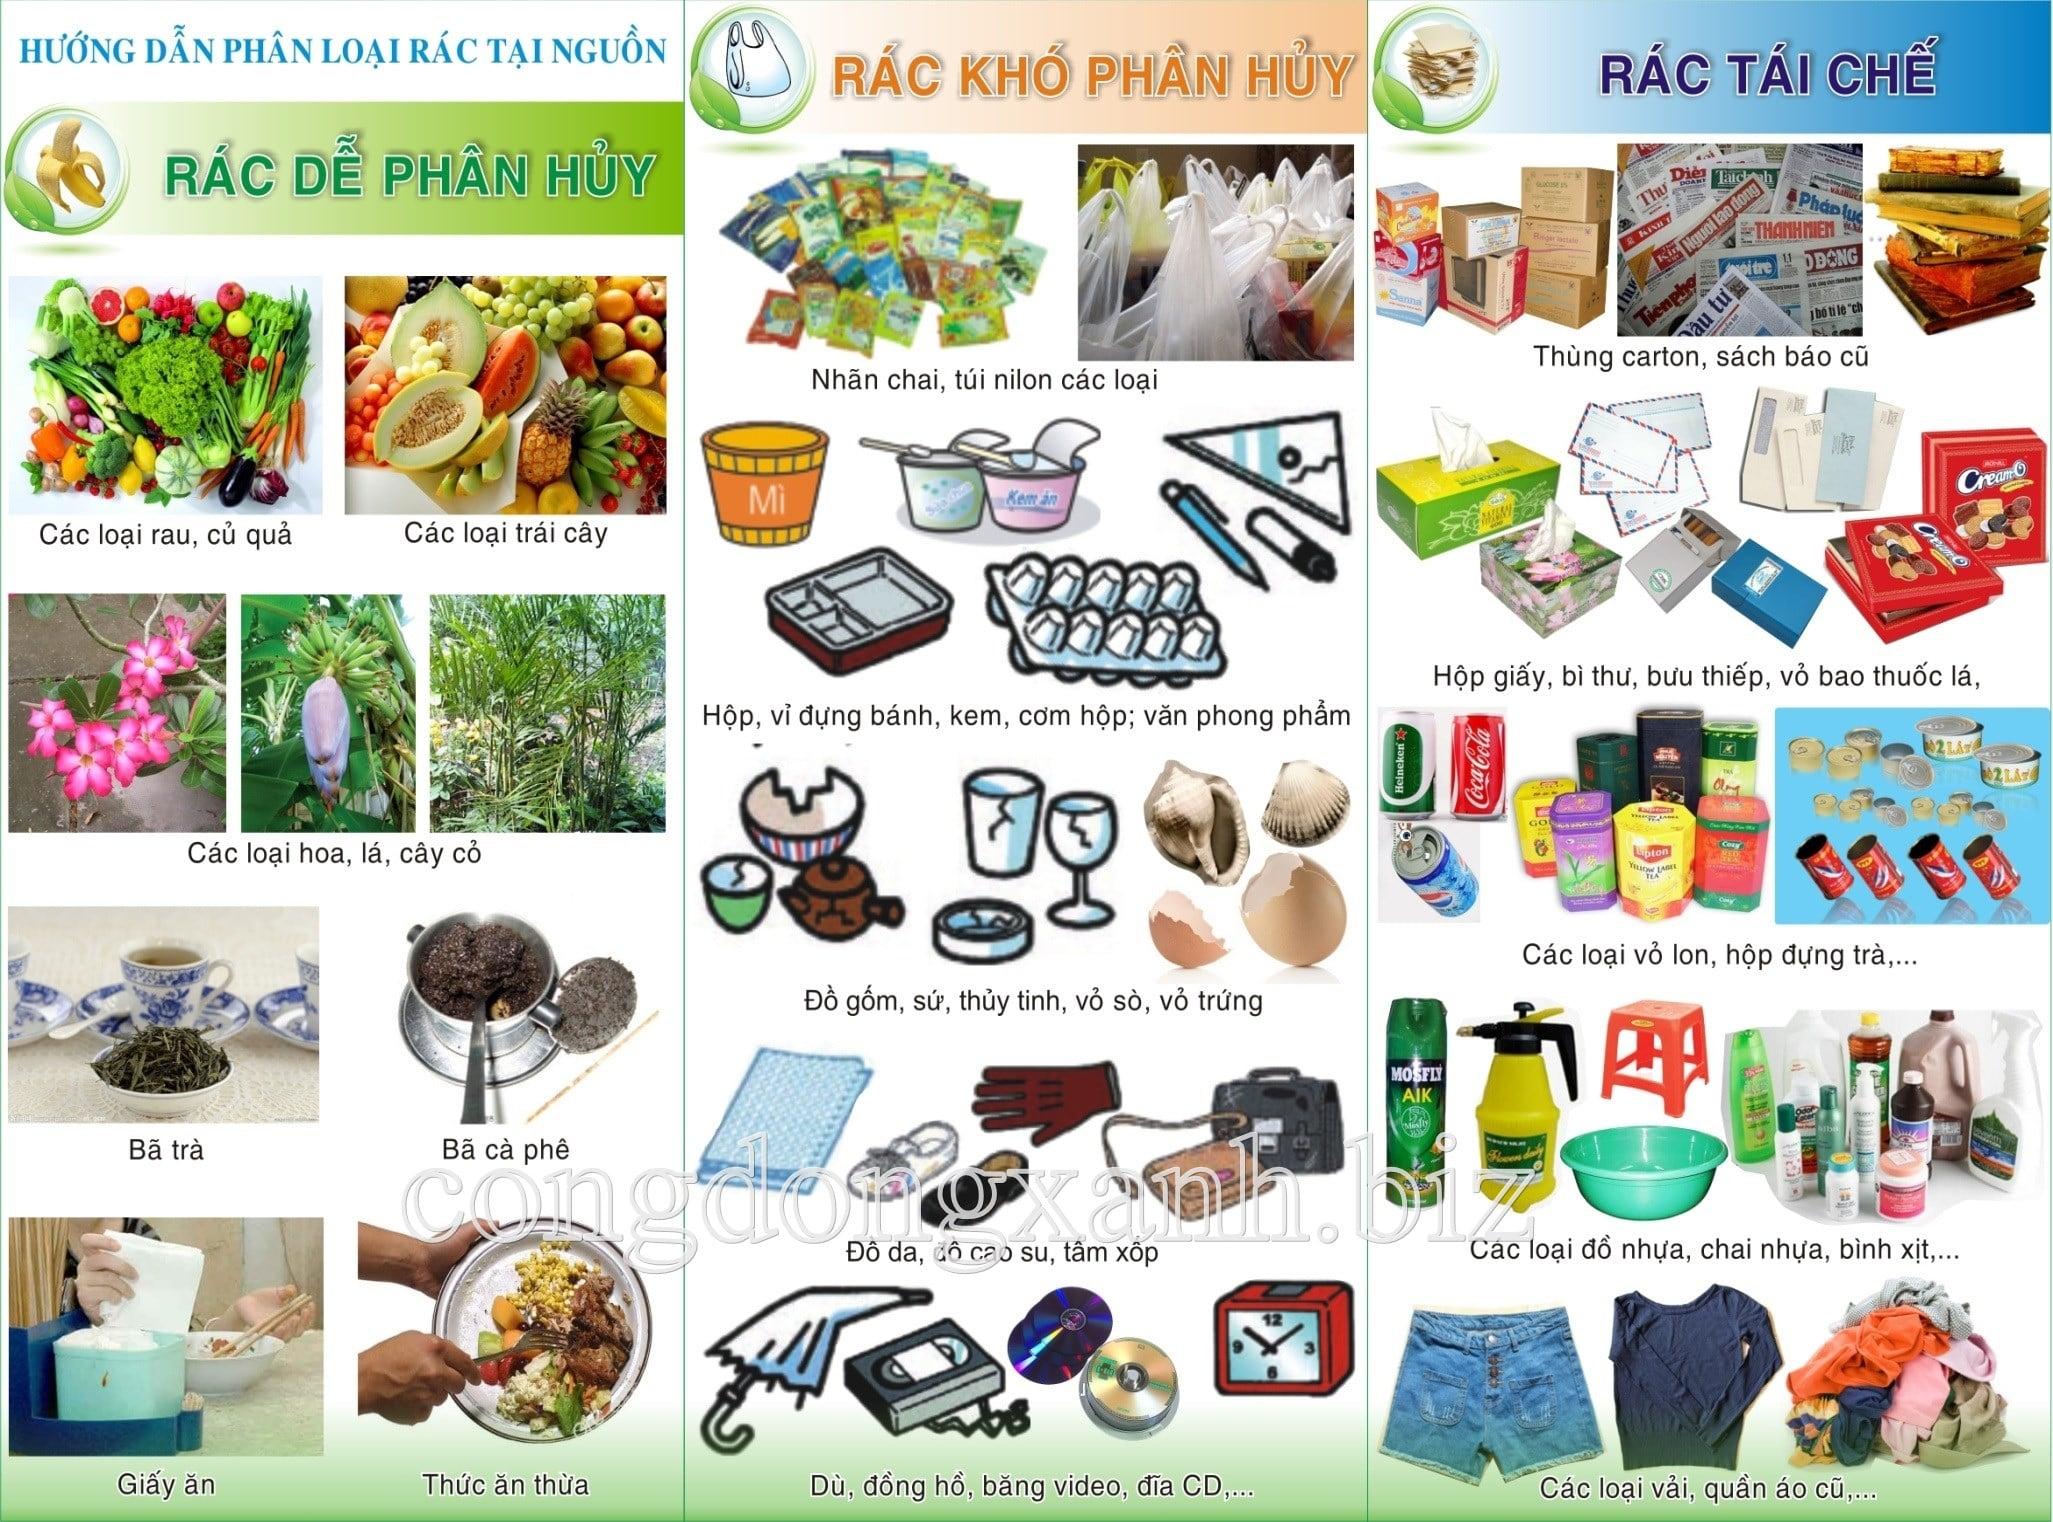 Thành phần phân loại chất thải sinh hoạt